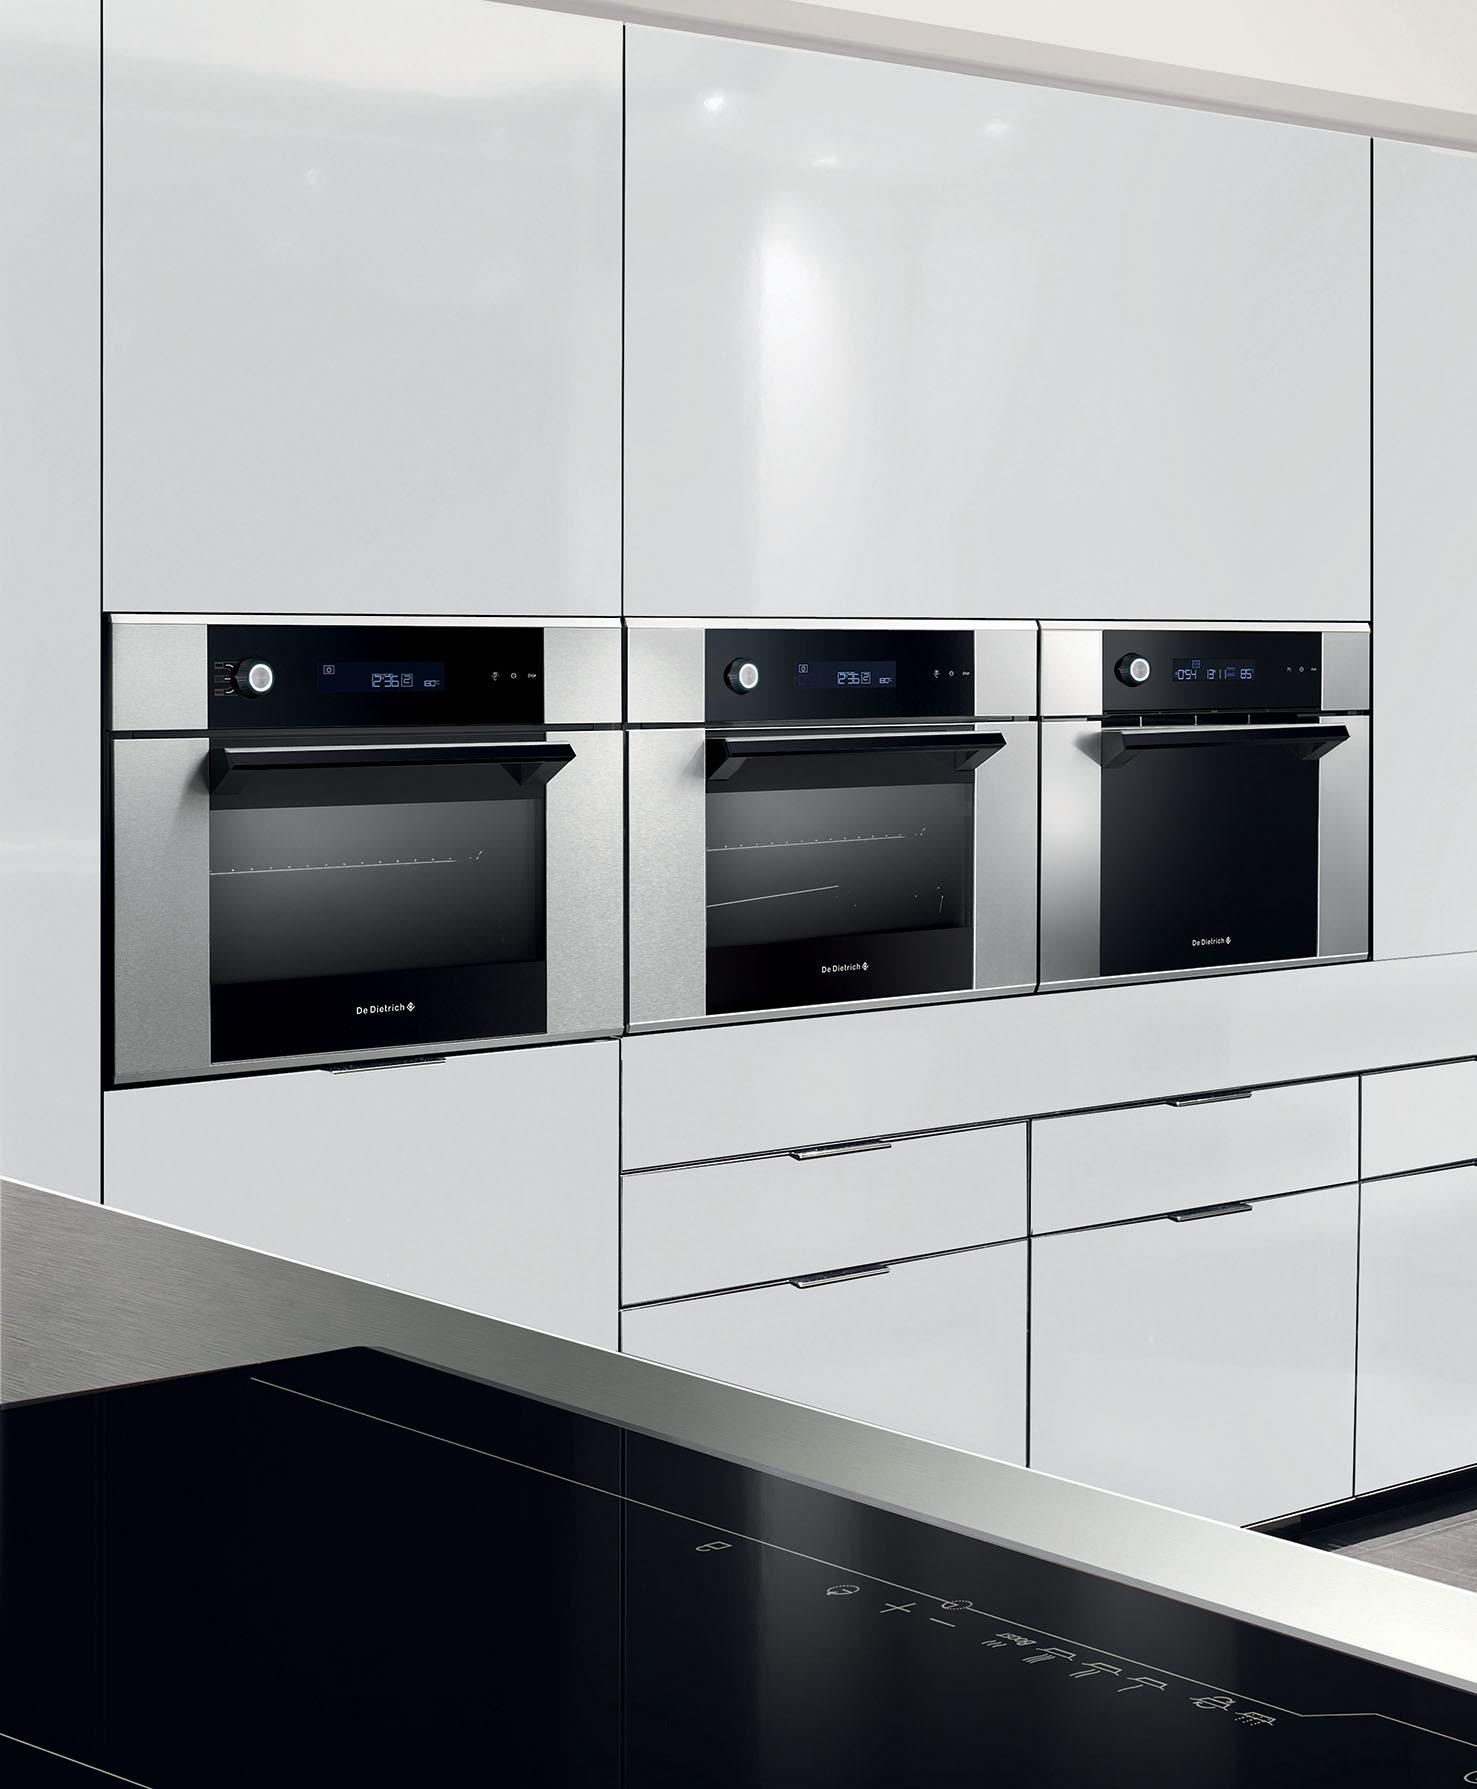 De Dietrich Platinum Steam Oven  